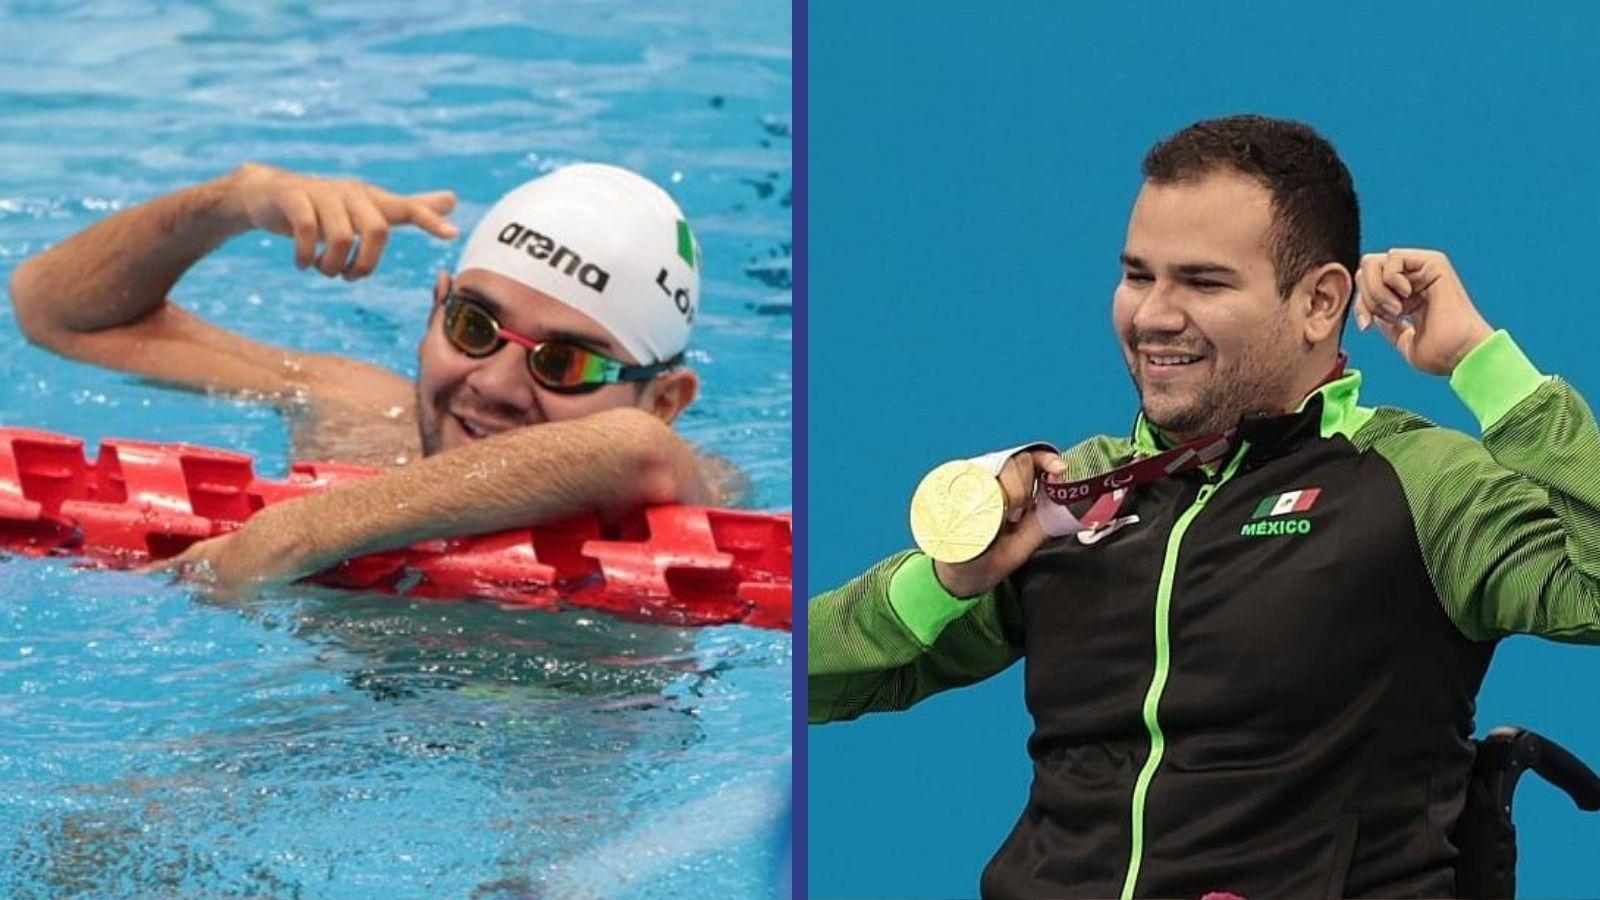 diego lópez gana oro en los juegos paralímpicos tokio 2020